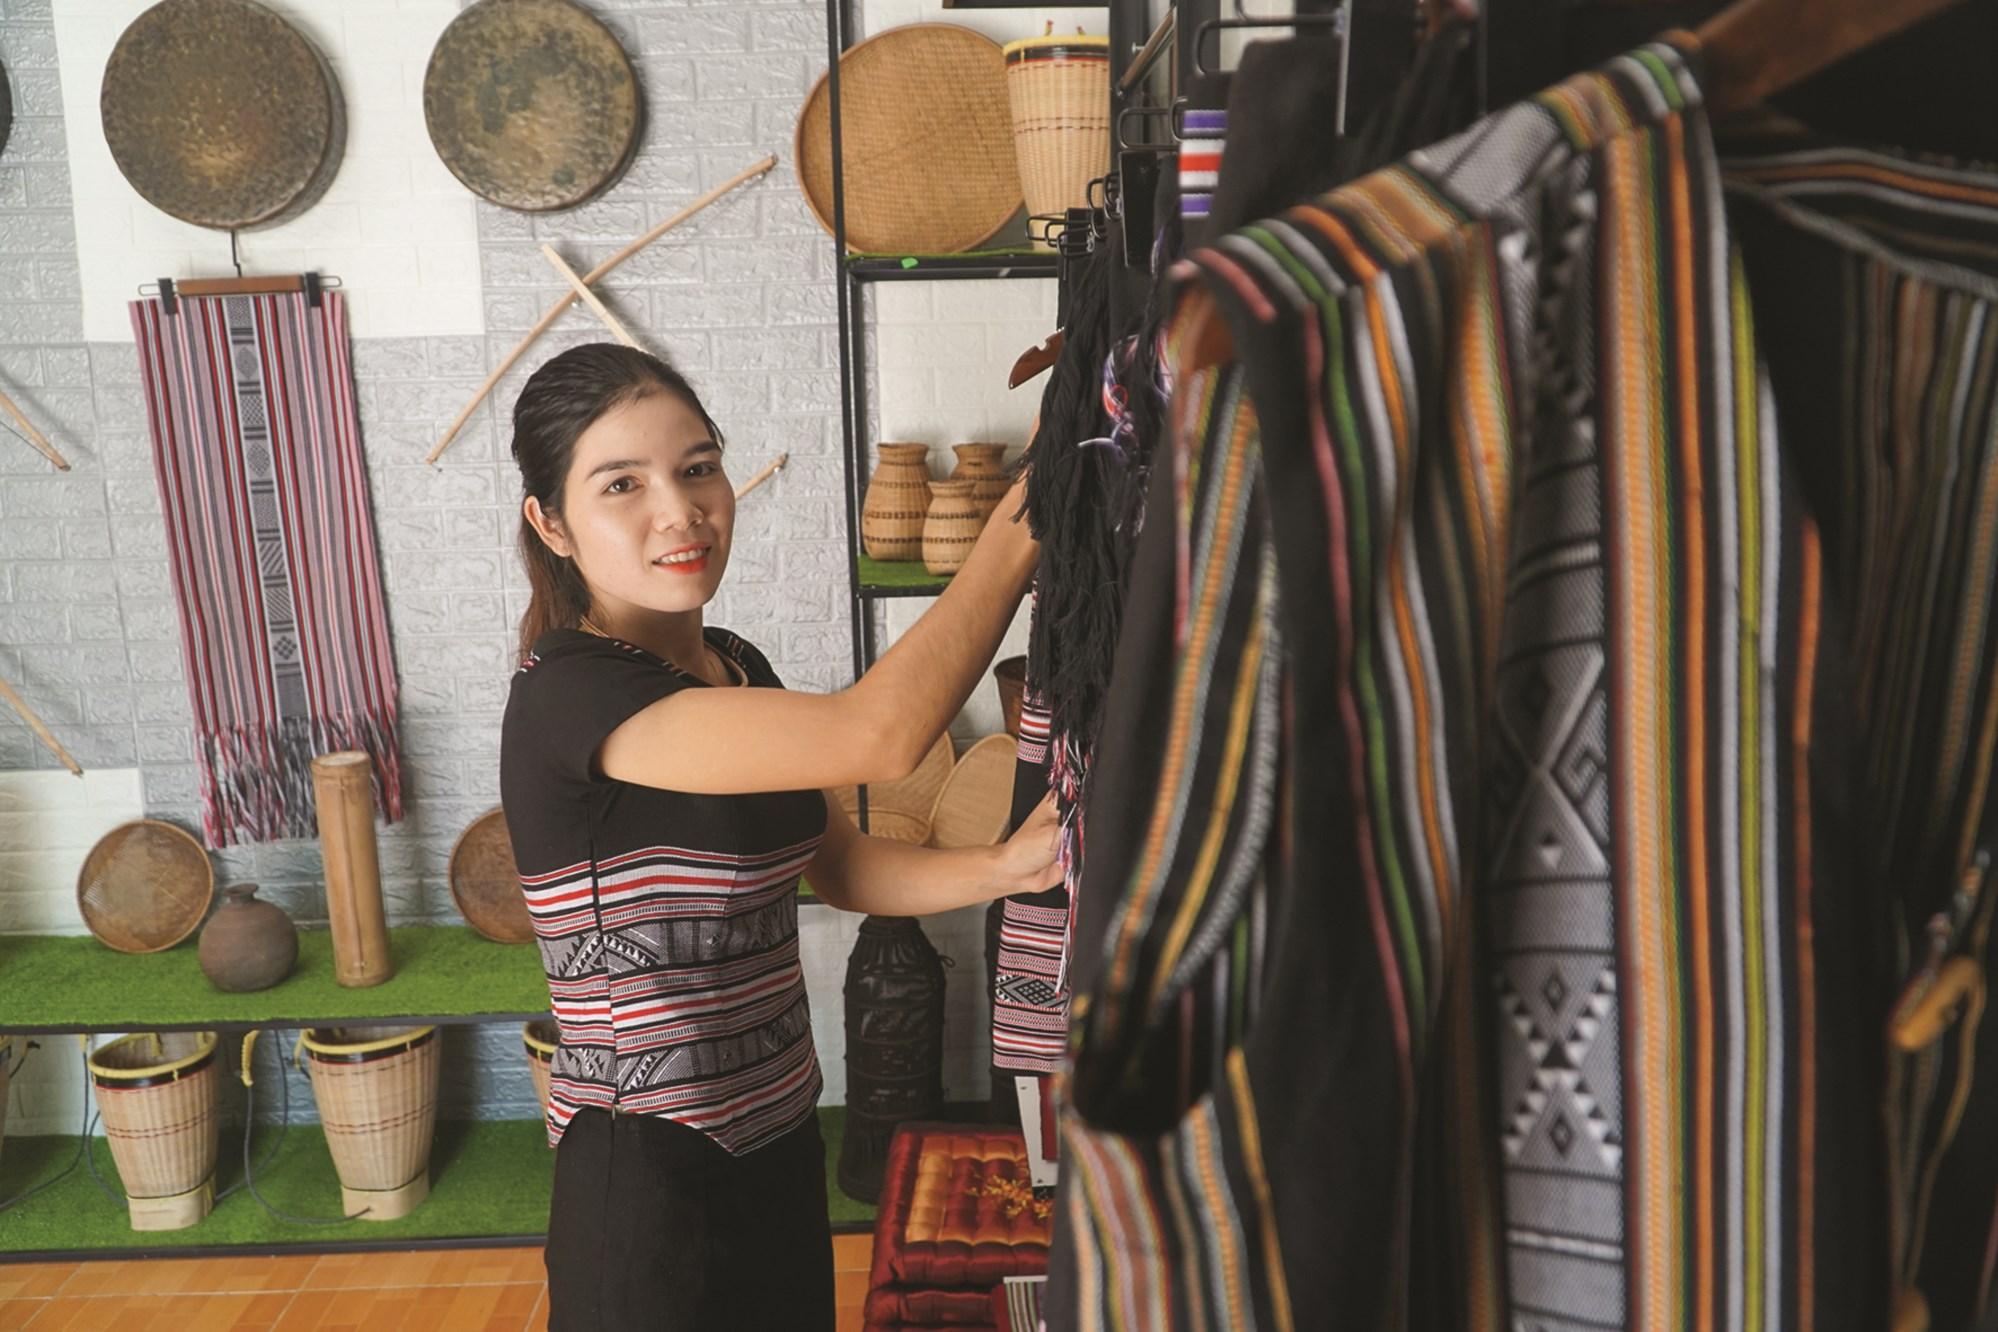 Cô gái trẻ Phạm Thị Sung, trau chuốt cho các sản phẩm trong cửa hàng của mình. Ảnh: Thạch Thảo